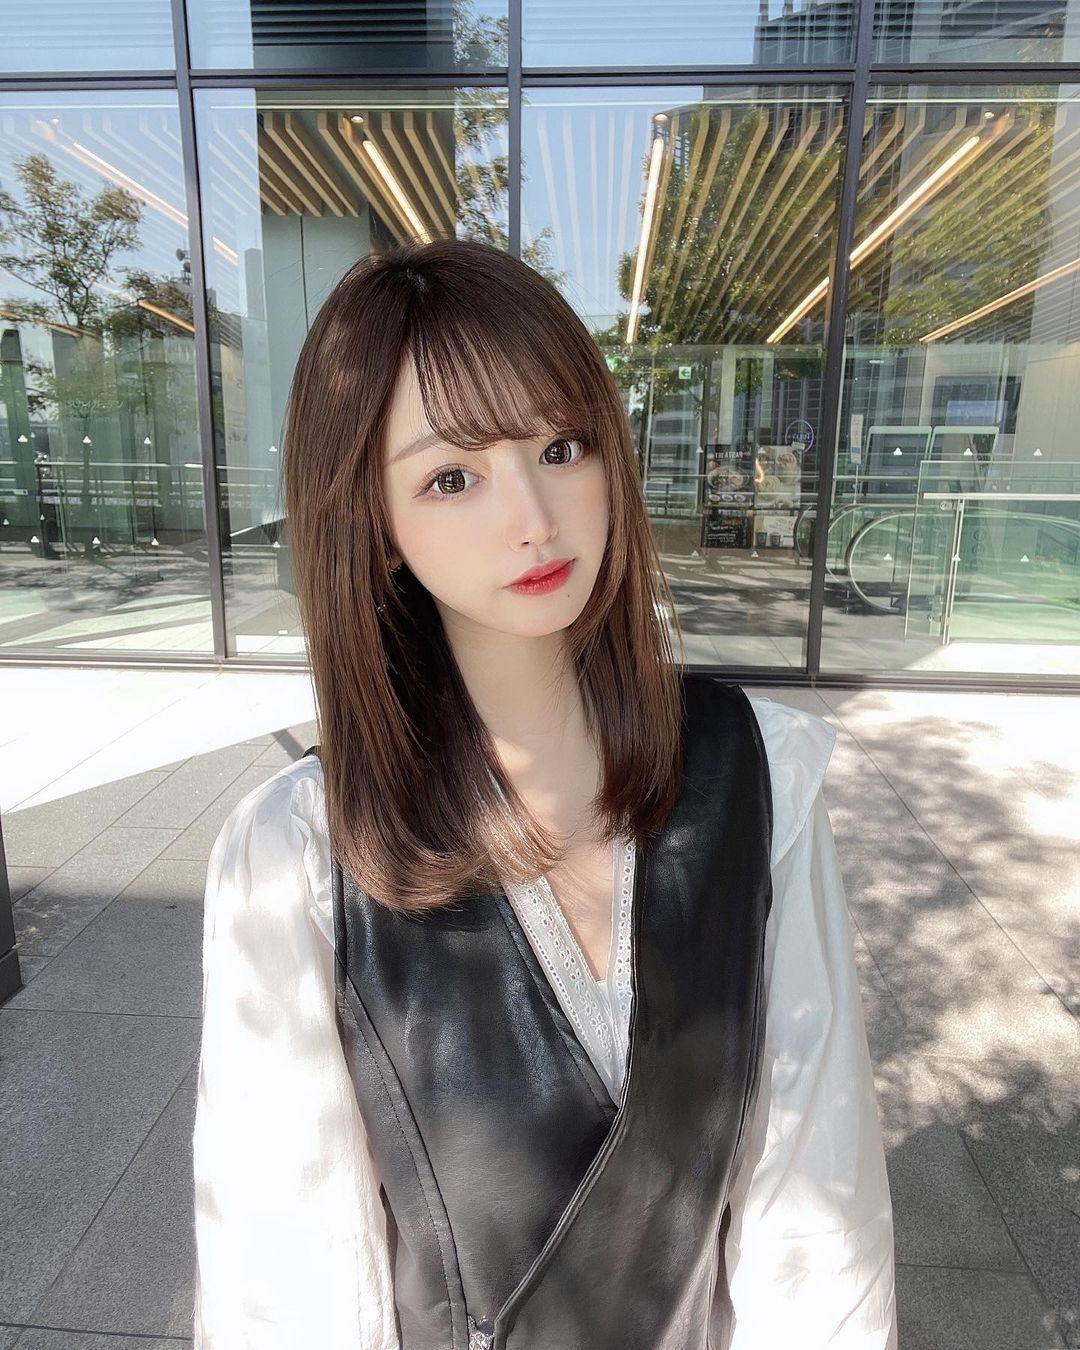 正翻了.名古屋「美女大学生」甜美又有气质,纤细小蛮腰超迷人. 日本美女 邻家女孩 美少女 养眼图片 第6张